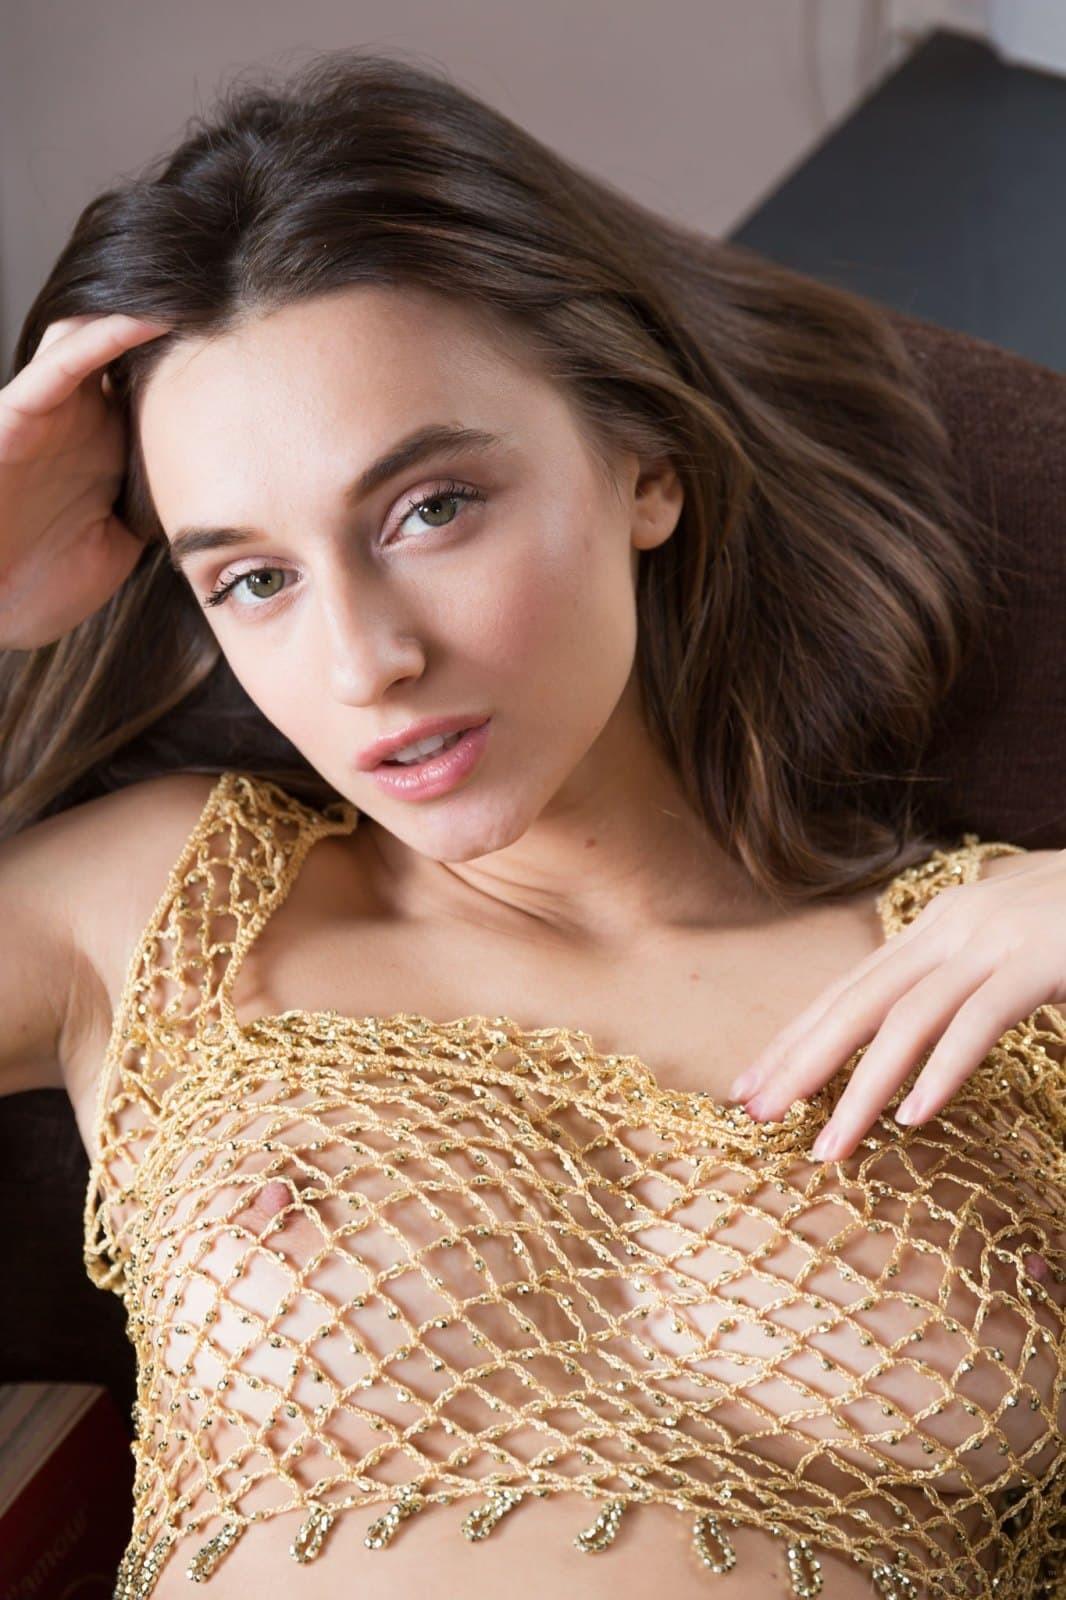 Сексуальная девушка с красивой прической на лобке - фото